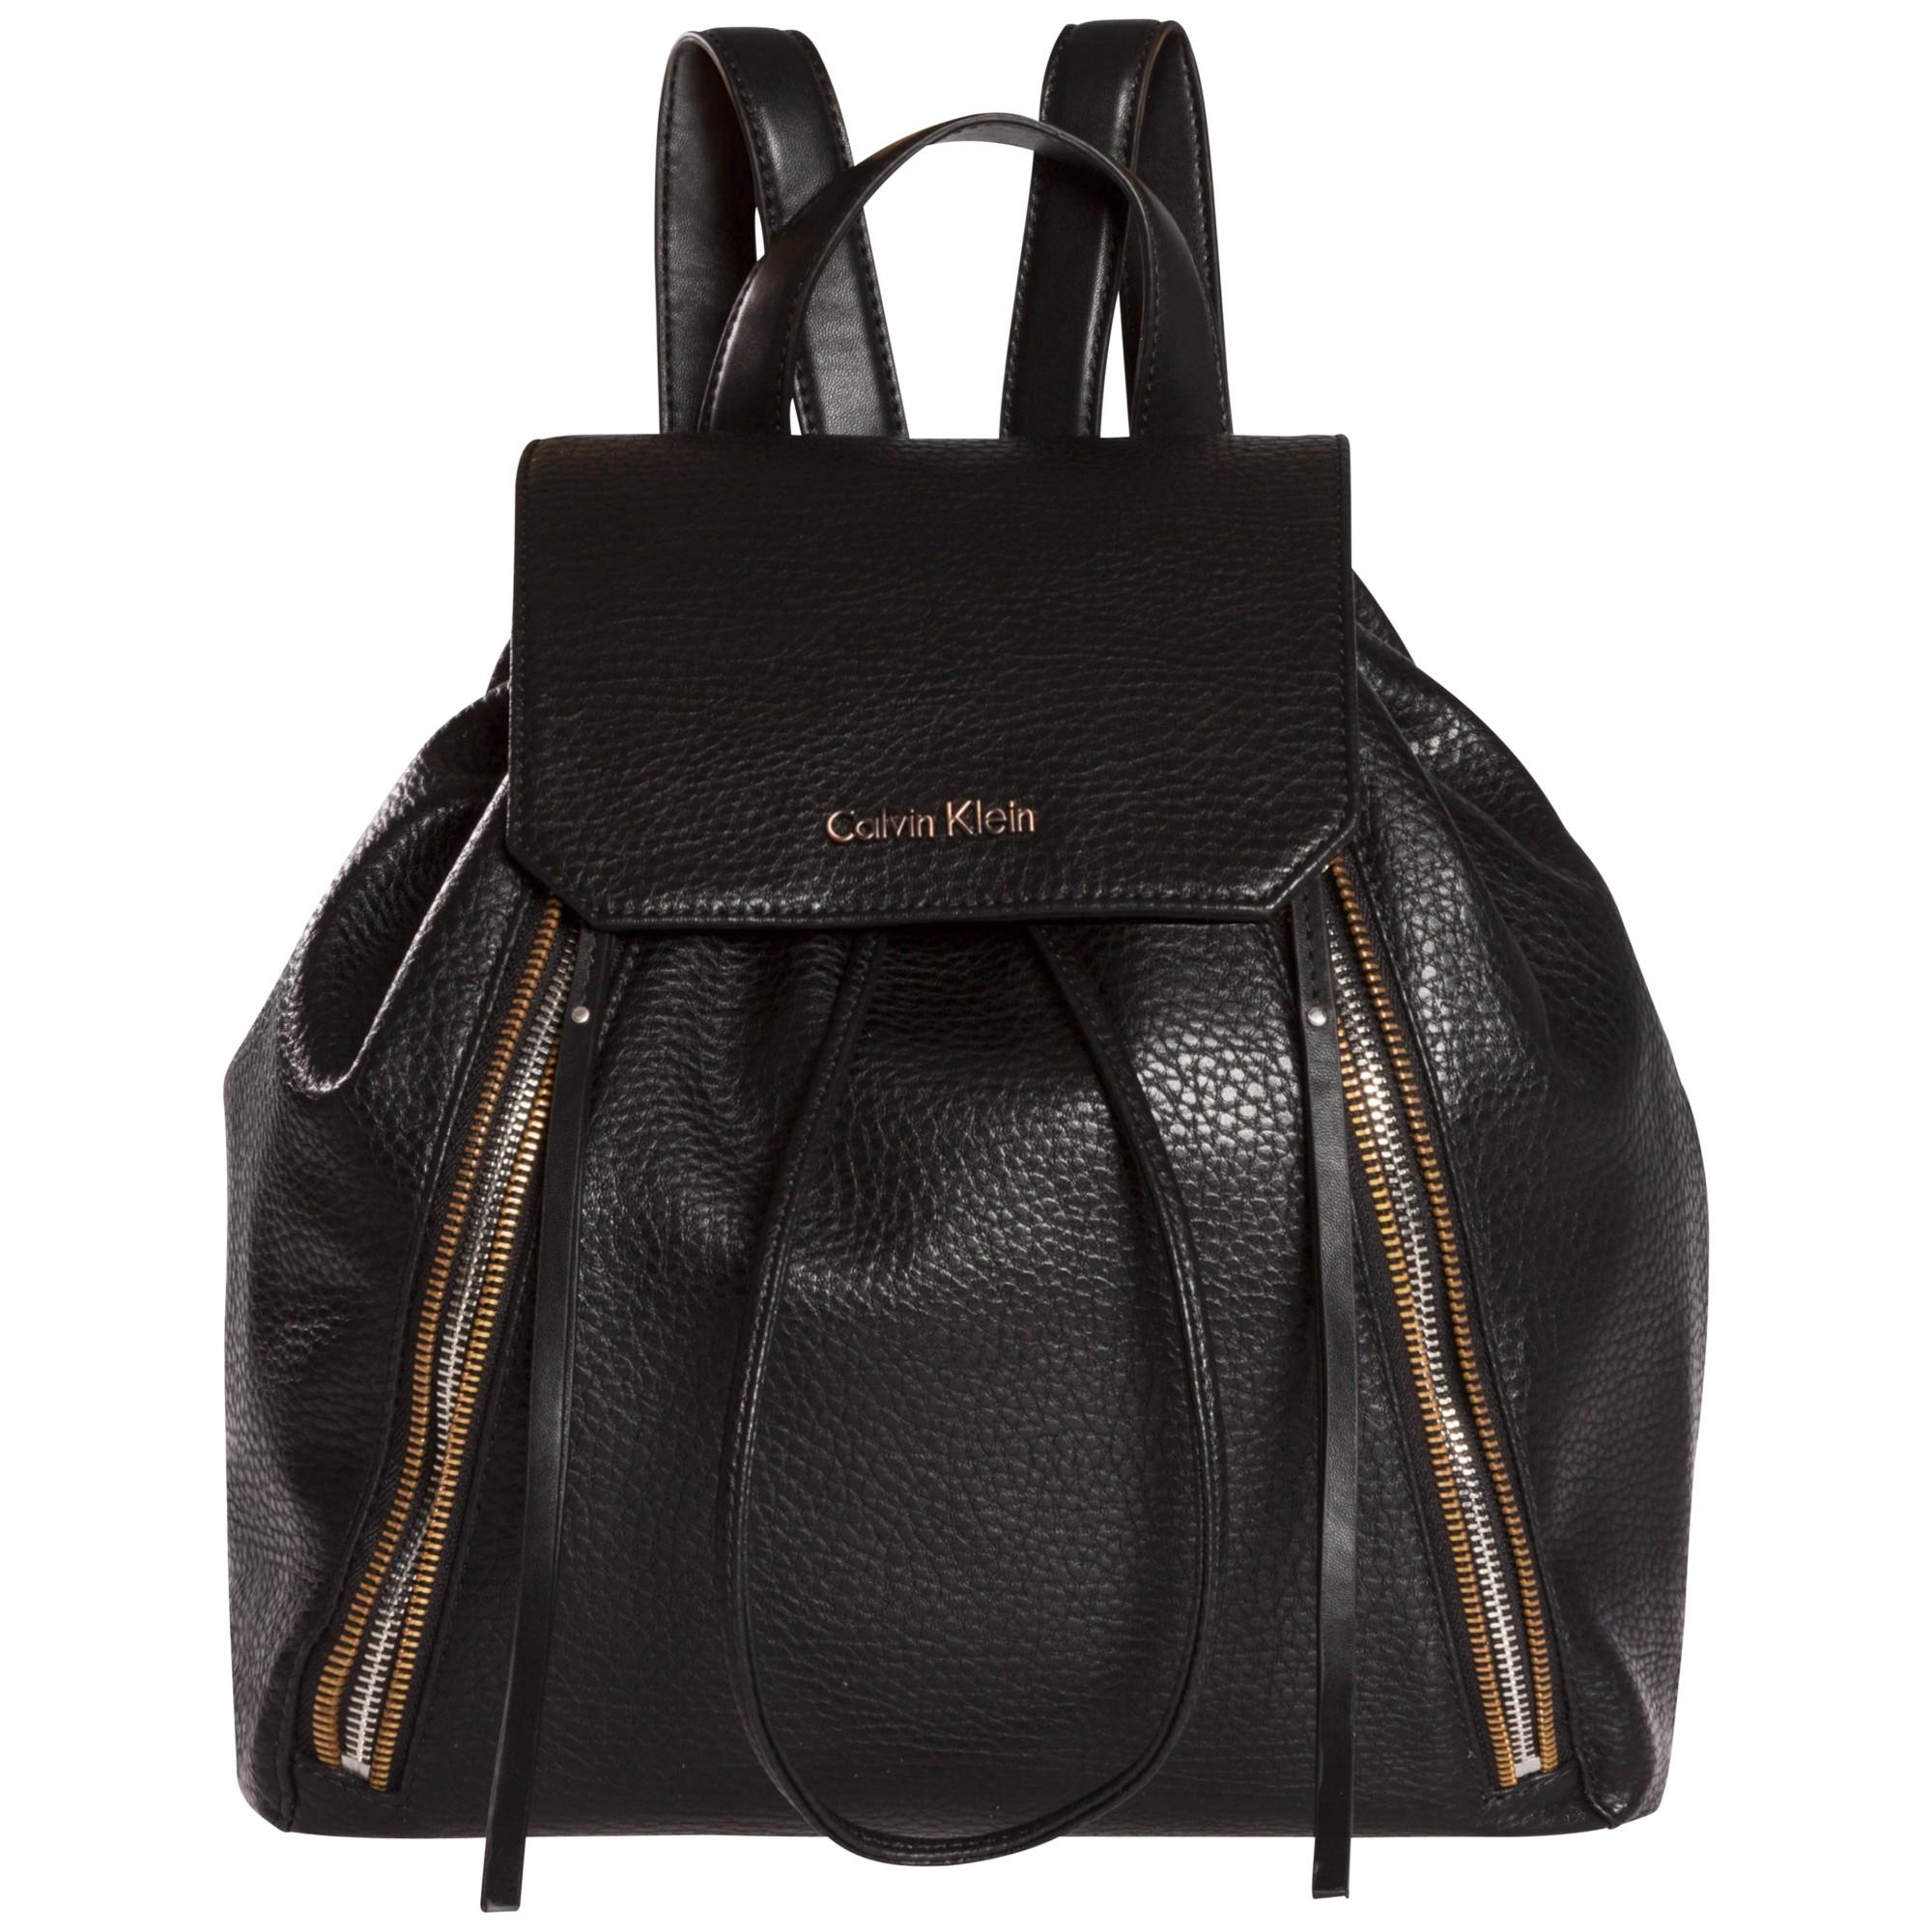 calvin klein nora backpack in black lyst. Black Bedroom Furniture Sets. Home Design Ideas